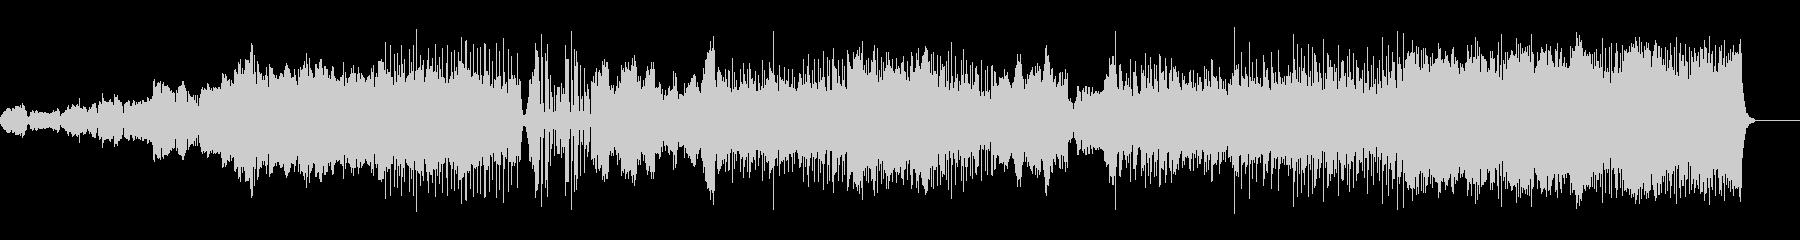 リズミカルなオーケストラの未再生の波形